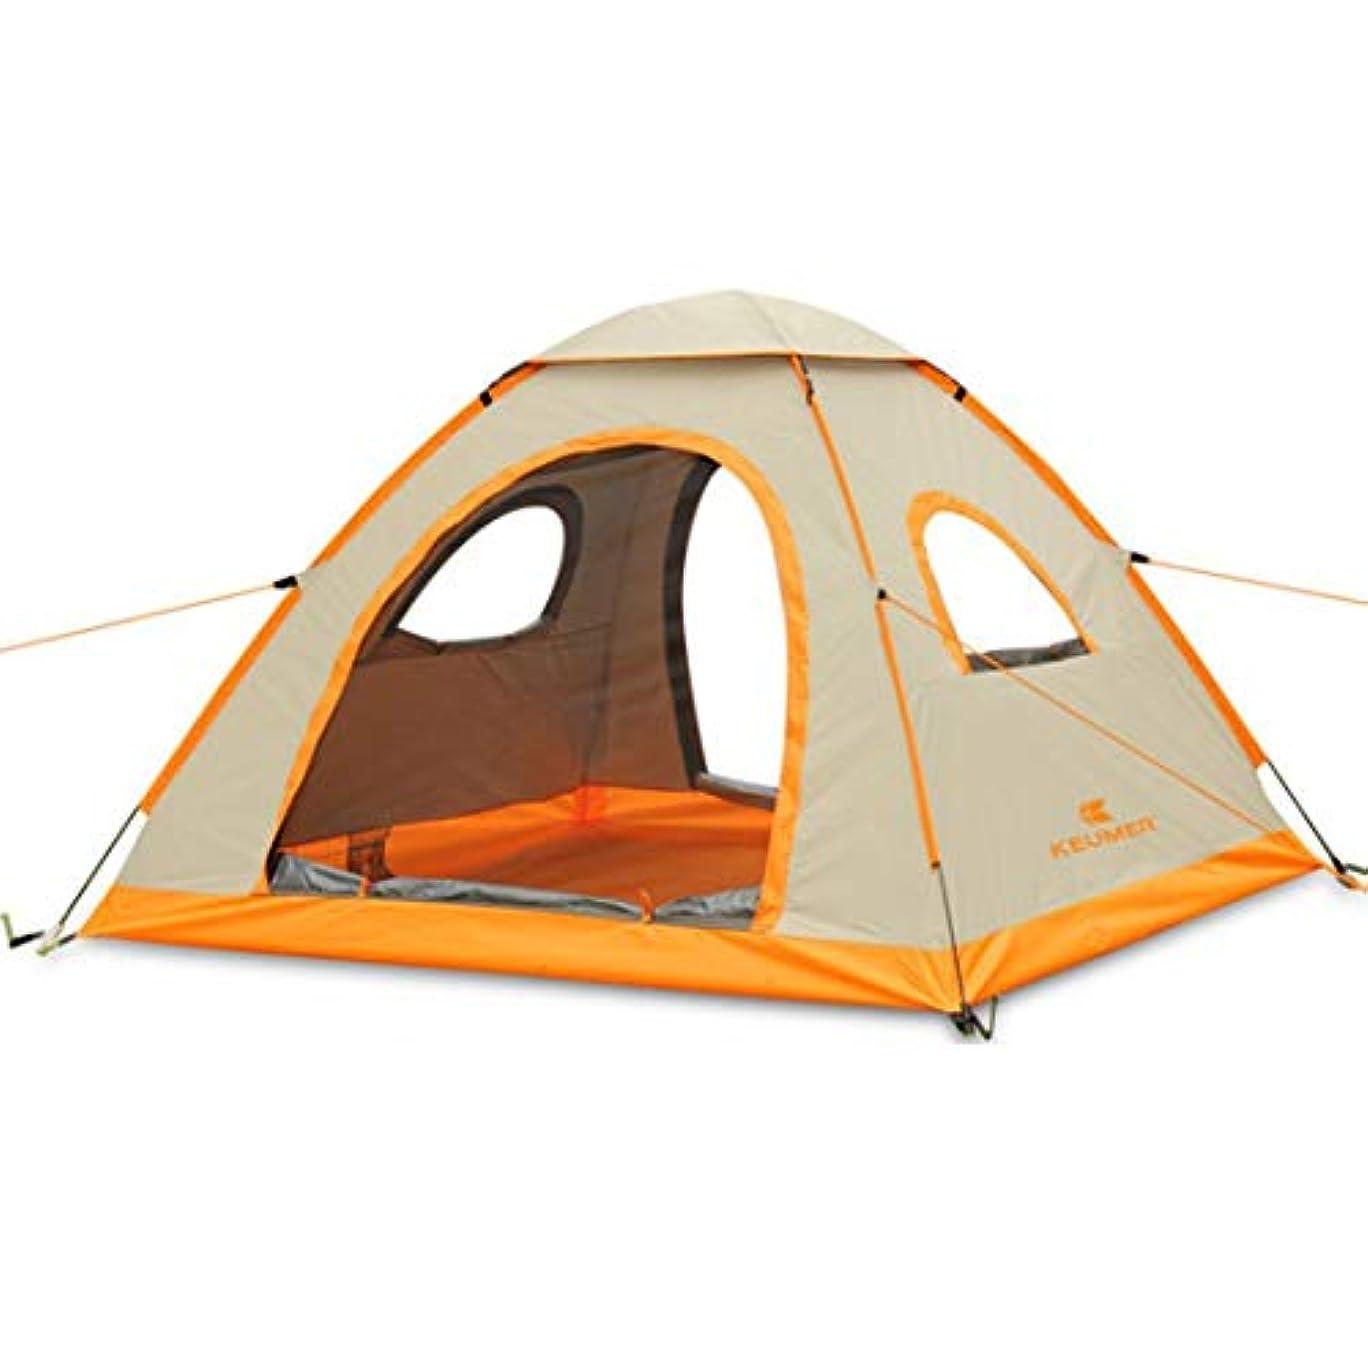 カーテン耐えられない慈悲深いKingsleyW 屋外スポーツのための3-4人のキャンプテントの二重雨保??護自動ポップアップバックパッキングテント (色 : ゴールド)